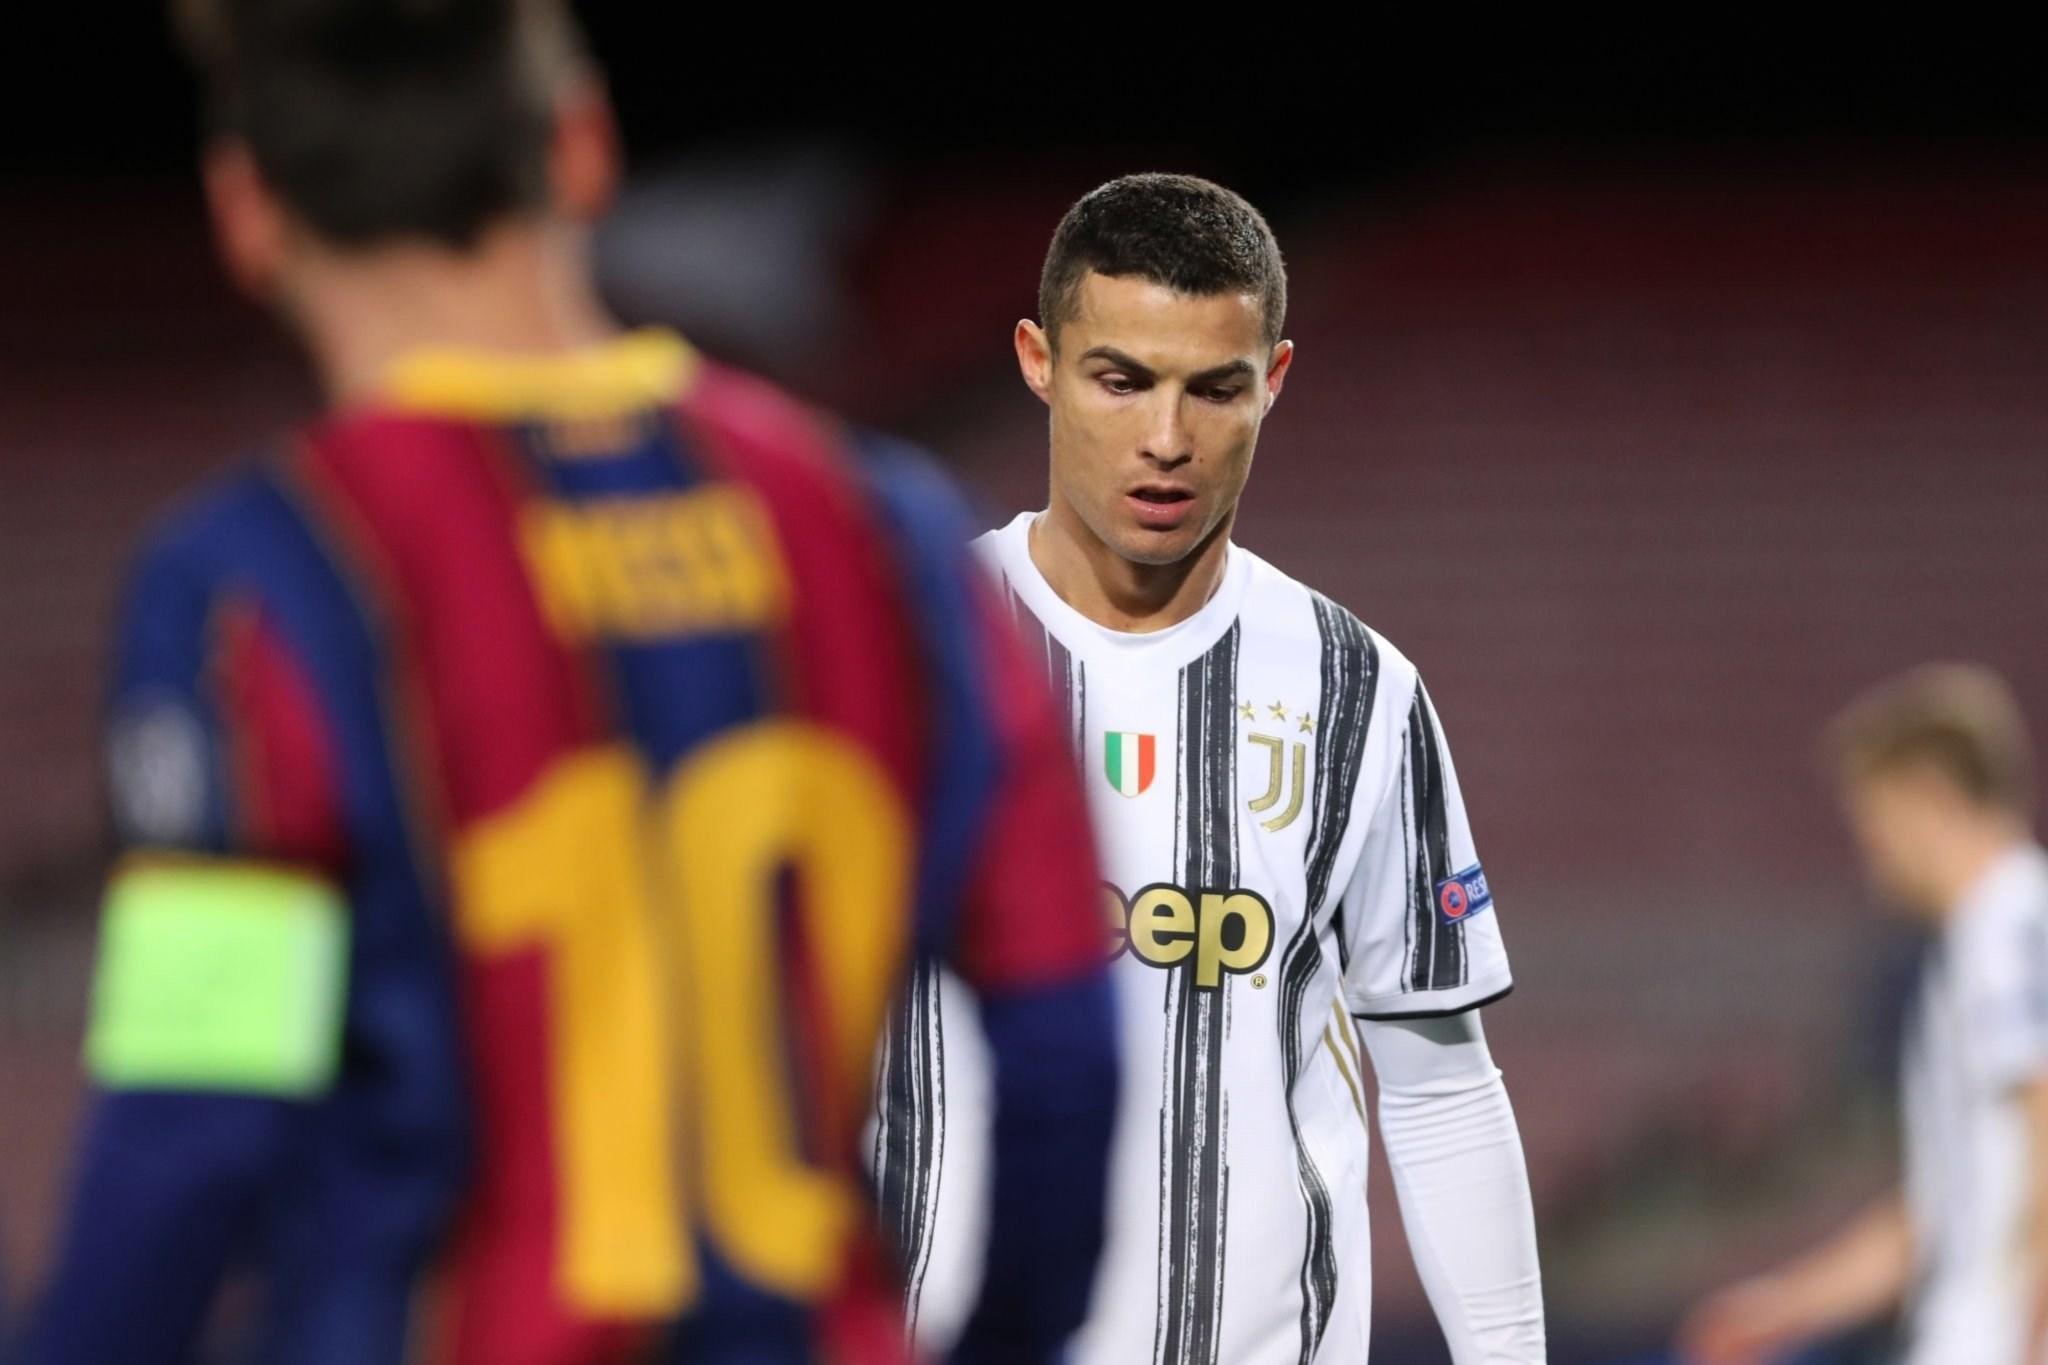 رونالدو يعود إلى برشلونة ويقود يوفنتوس لانتصار كاسح